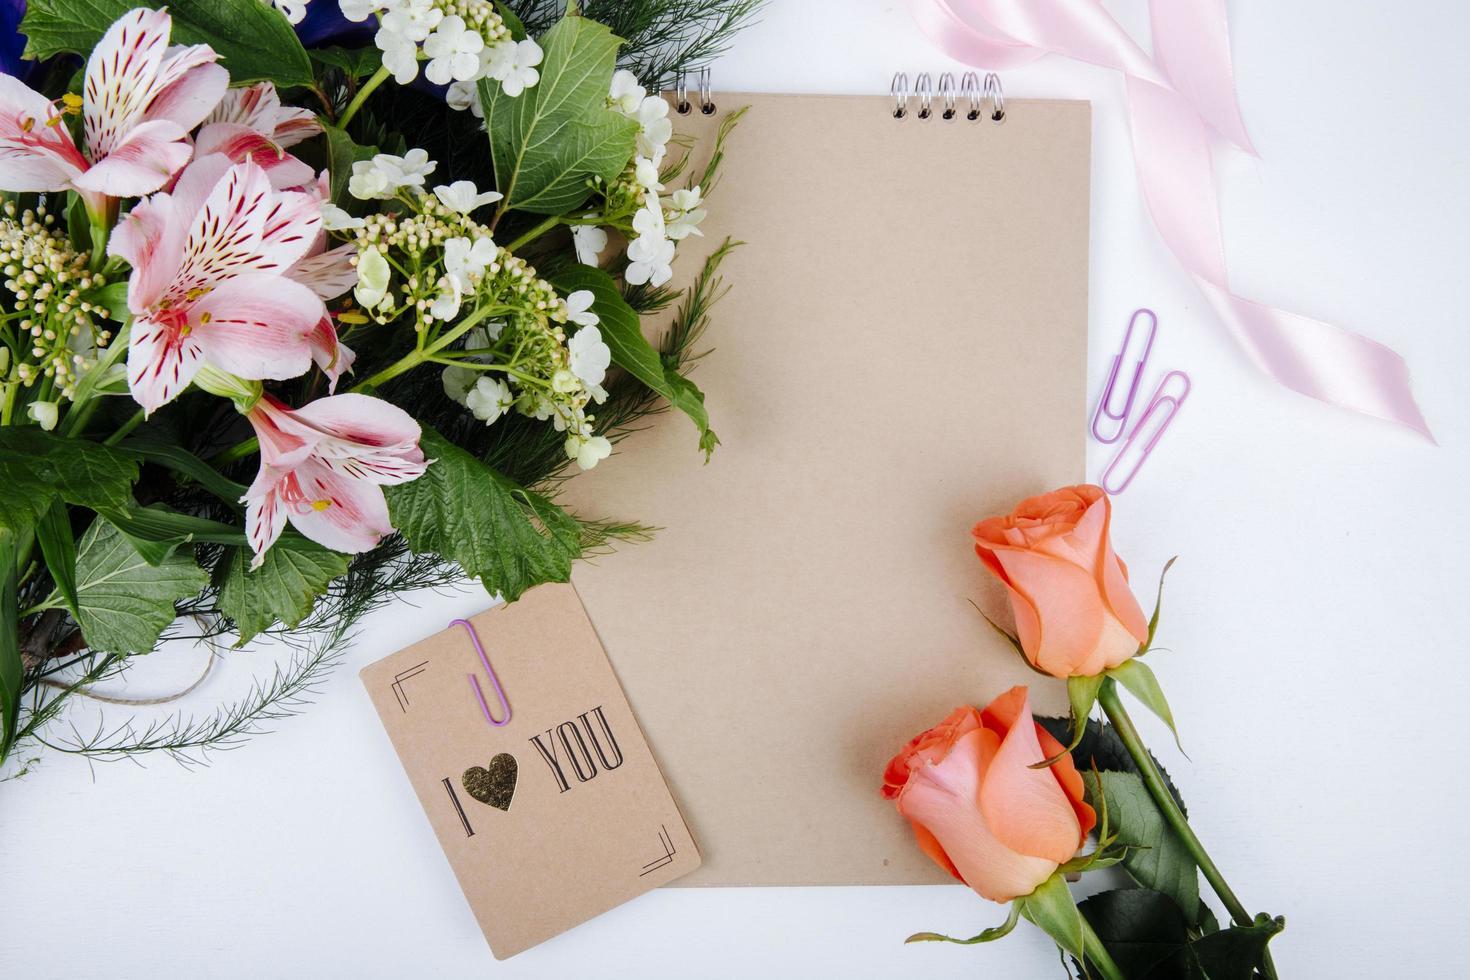 Vue de dessus d'un bouquet de fleurs d'alstroemeria de couleur rose photo